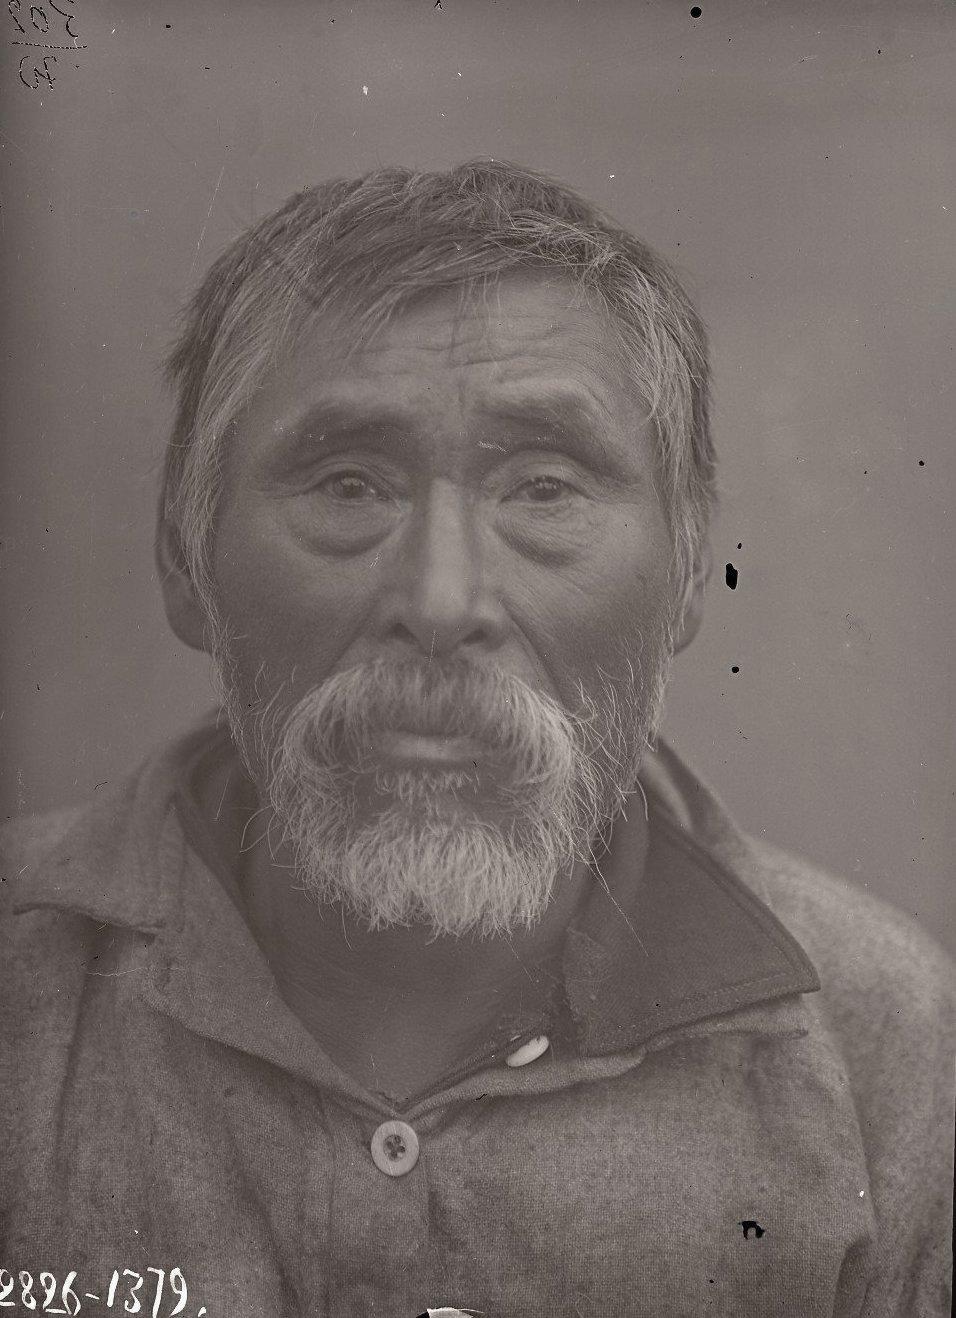 1909. Июнь - июль. Дионисий Худяков (фас). Атту остров